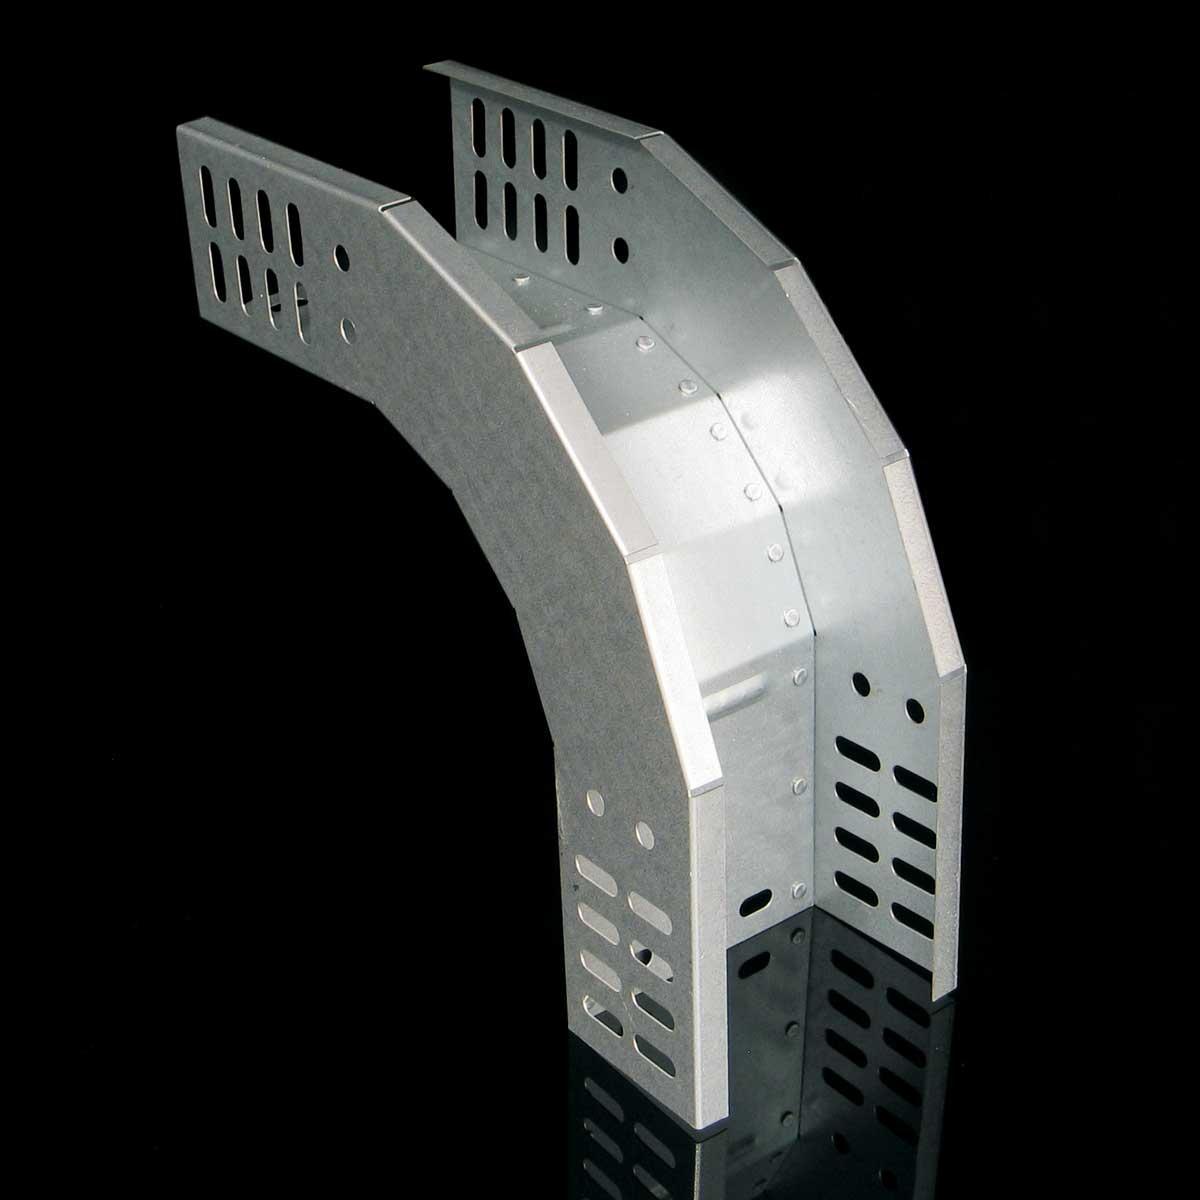 Поворот вертикальний зовнішній 90 для лотка JUPITER; розміри-35x200x220mm Товщ. метал-1 Вага-0,75кг/м